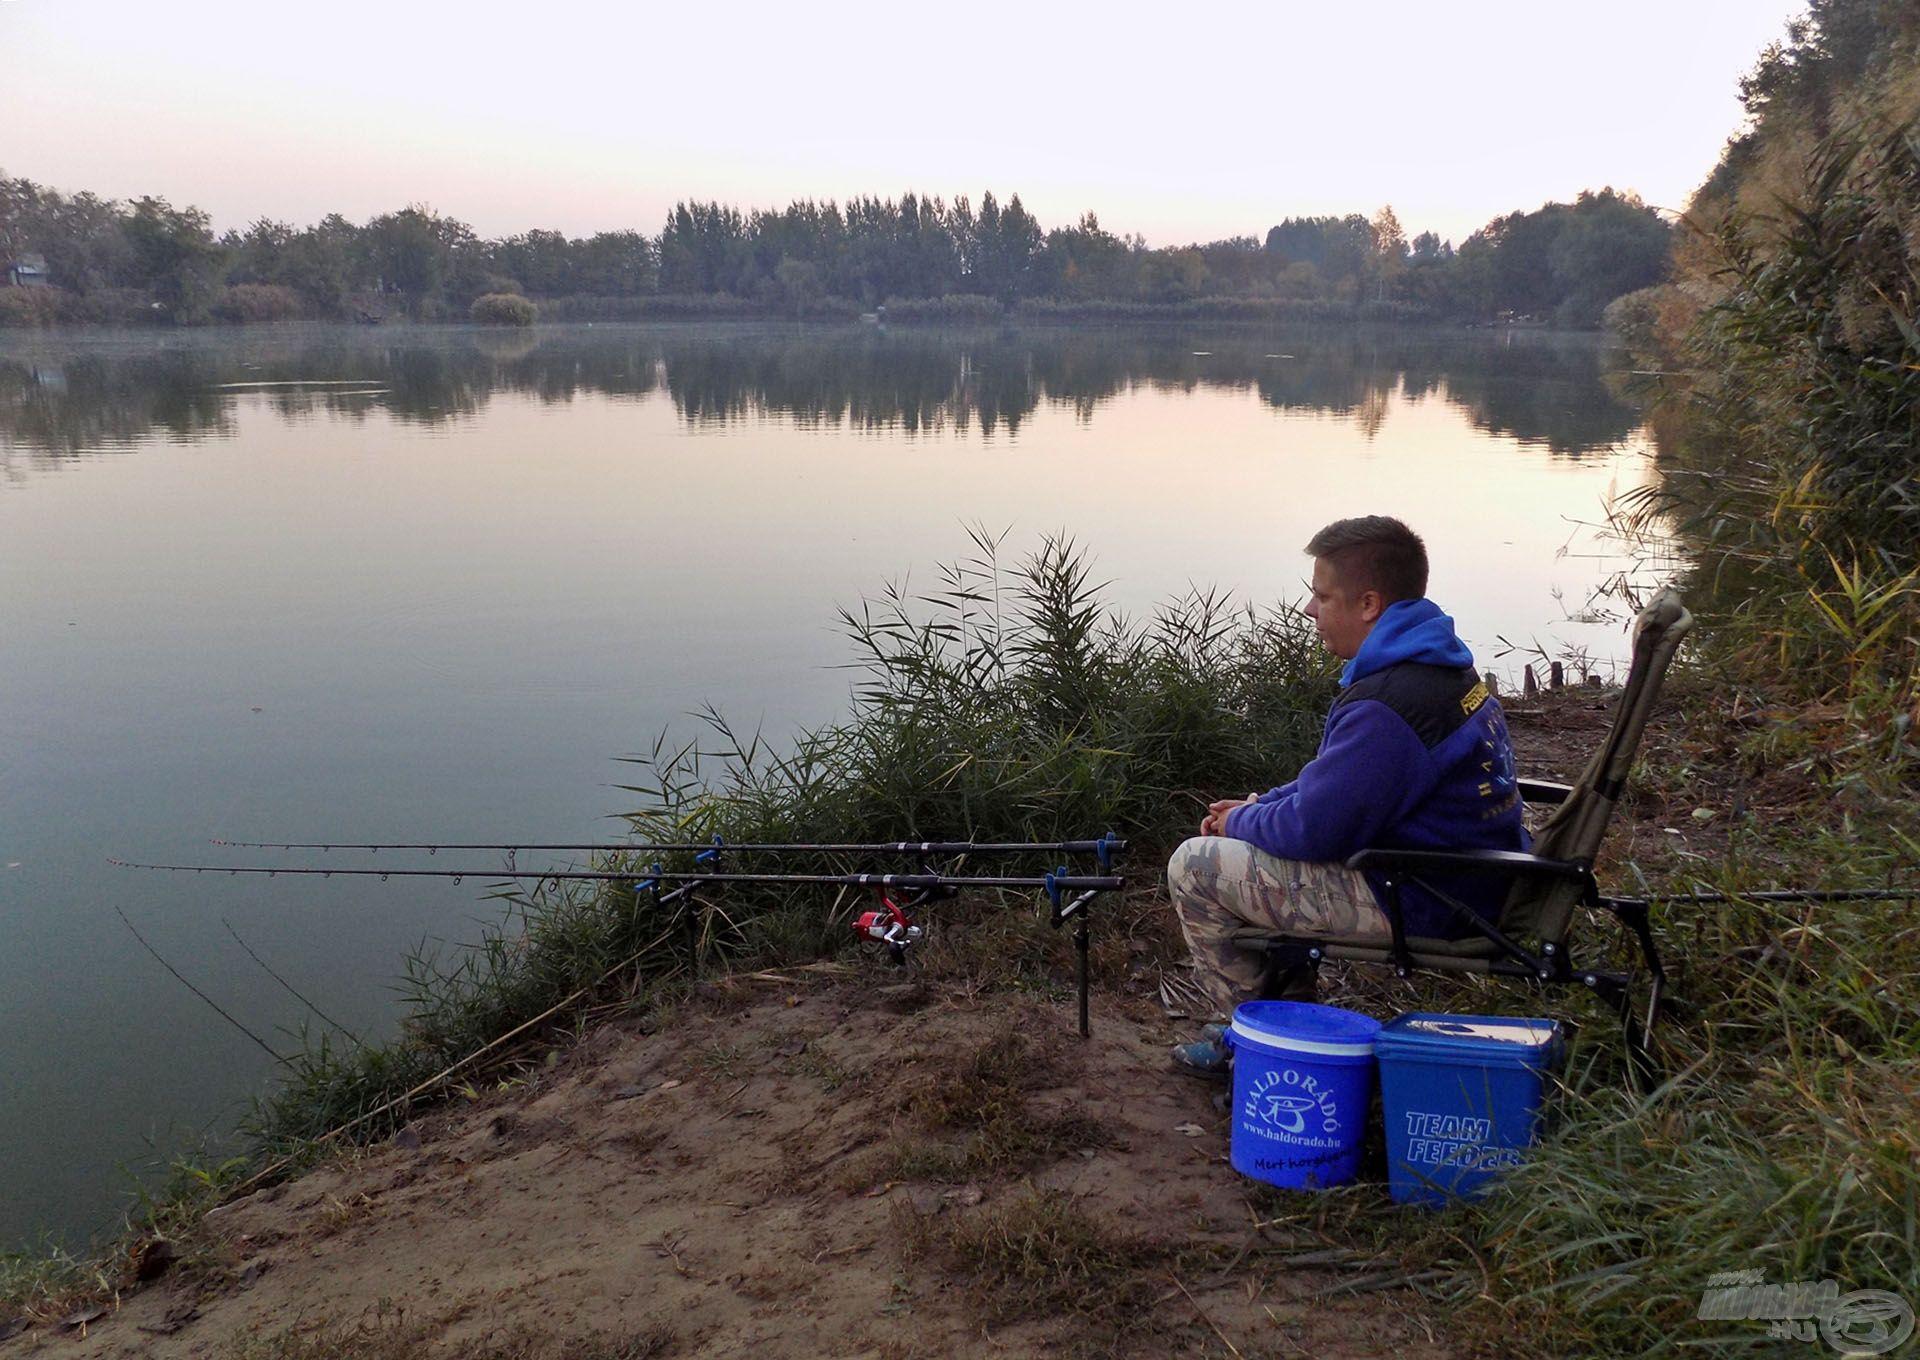 Horgászhelyemnek a tó végében található 10-es állást választottam, ahol korábban még nem horgásztam. Mivel kiszámíthatatlan vízről van szó, úgy gondoltam, itt minden lehetséges eshetőségre remek alternatívákkal kecsegtet az előttem elterülő vízterület